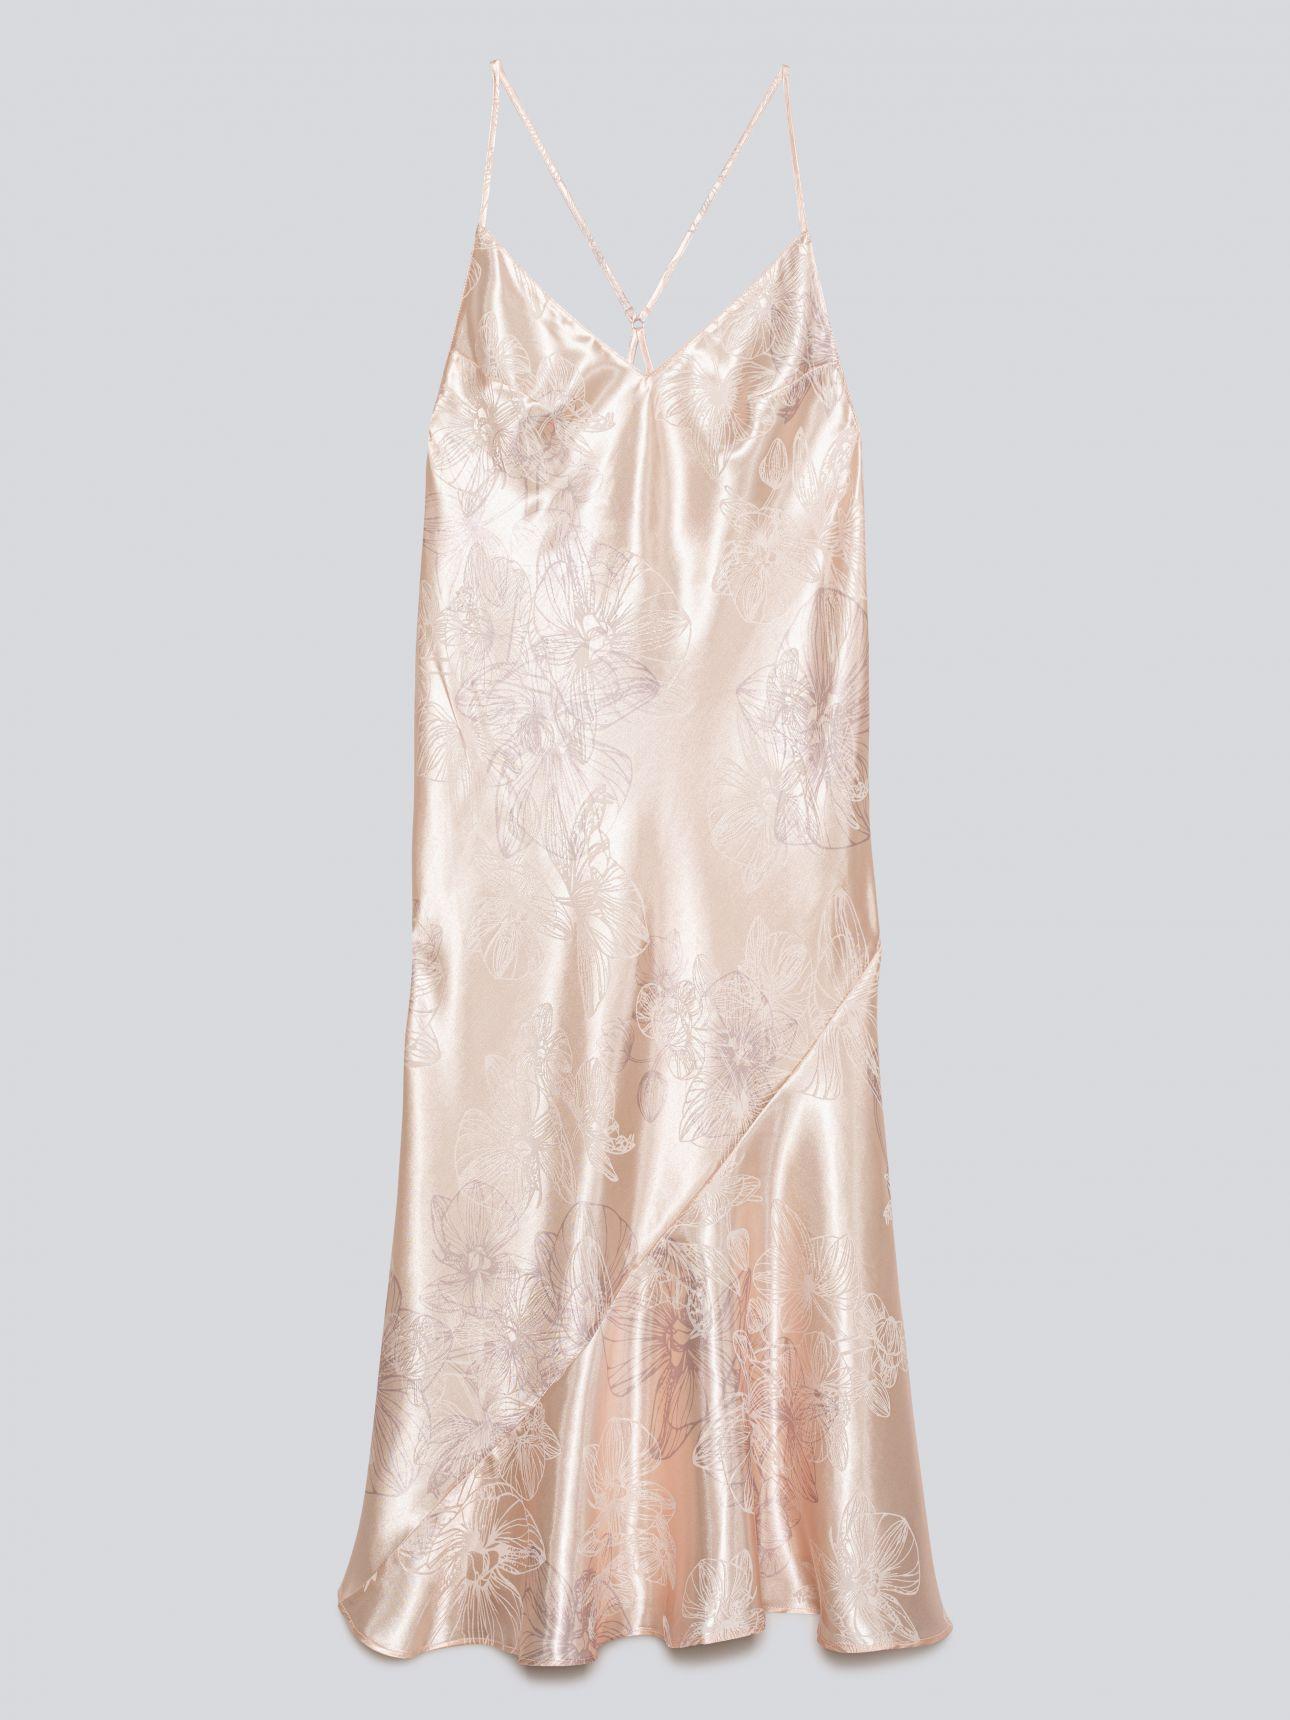 כותונת לילה מקסי עם דוגמאת ז'קארד ORCHID בצבע דפוס פרחים